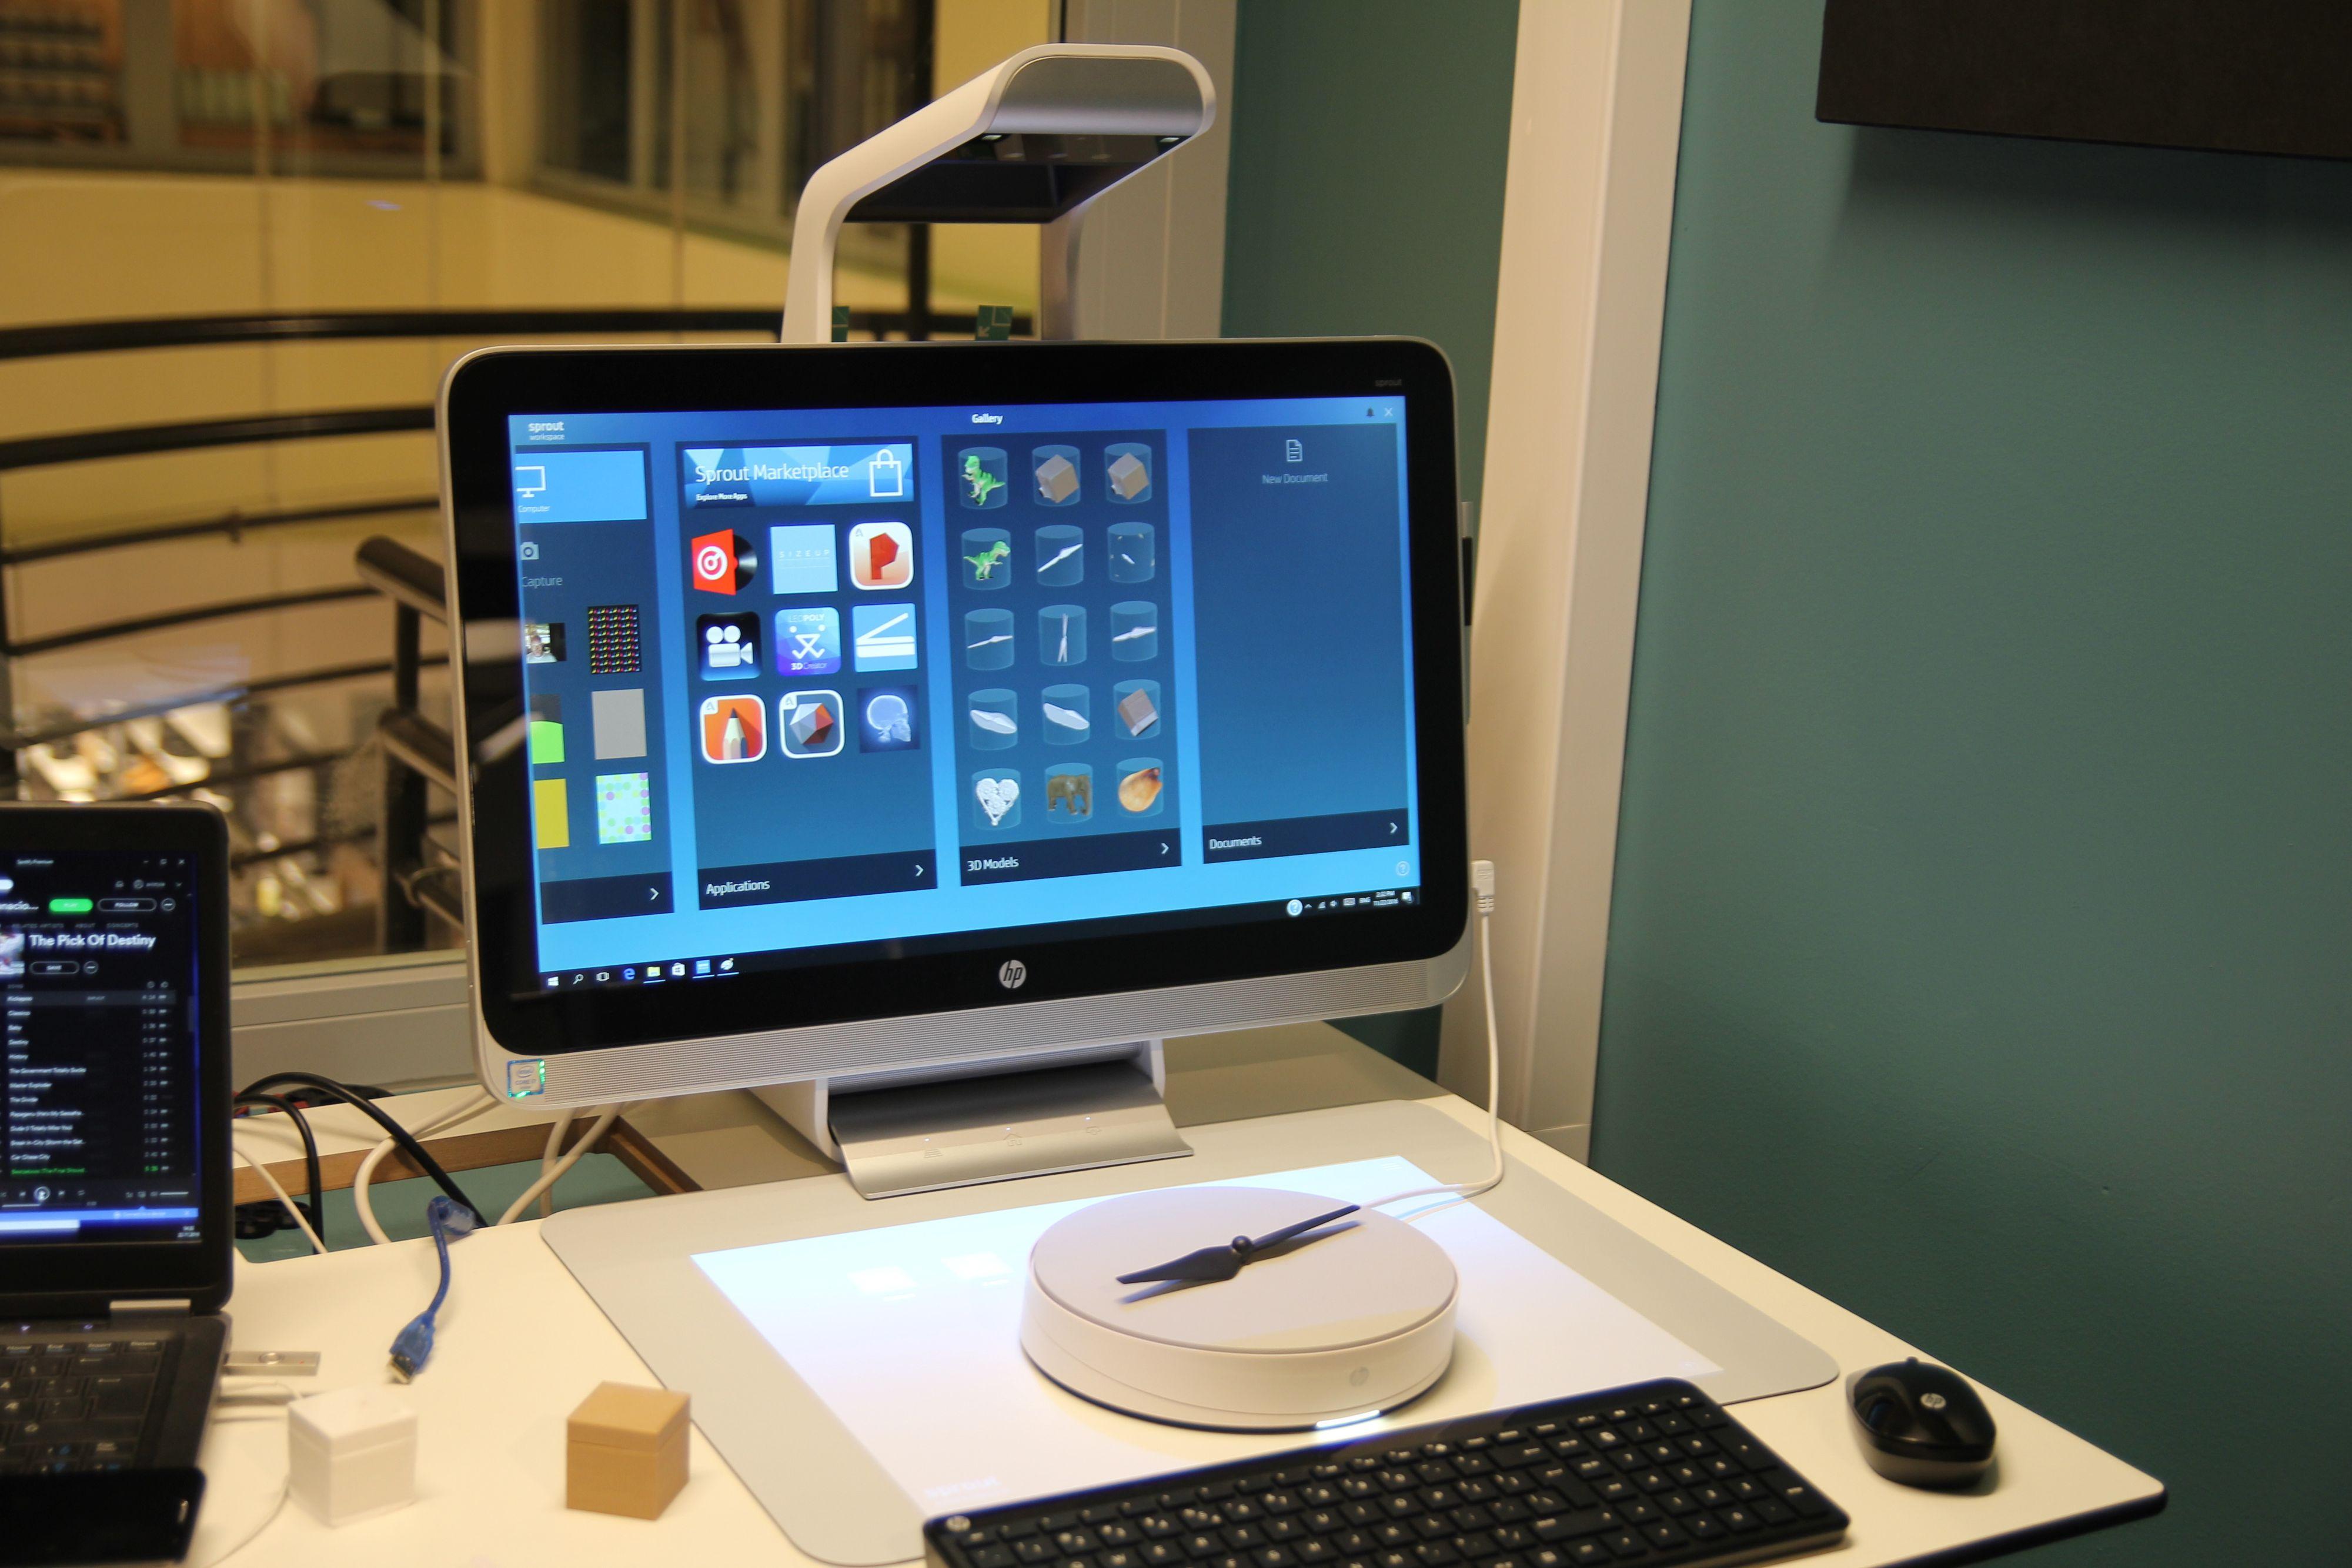 HP Sprout Pro med Capture Stage. Vi forsøkte med både hvit og sort propell, hvit ga best resultat.